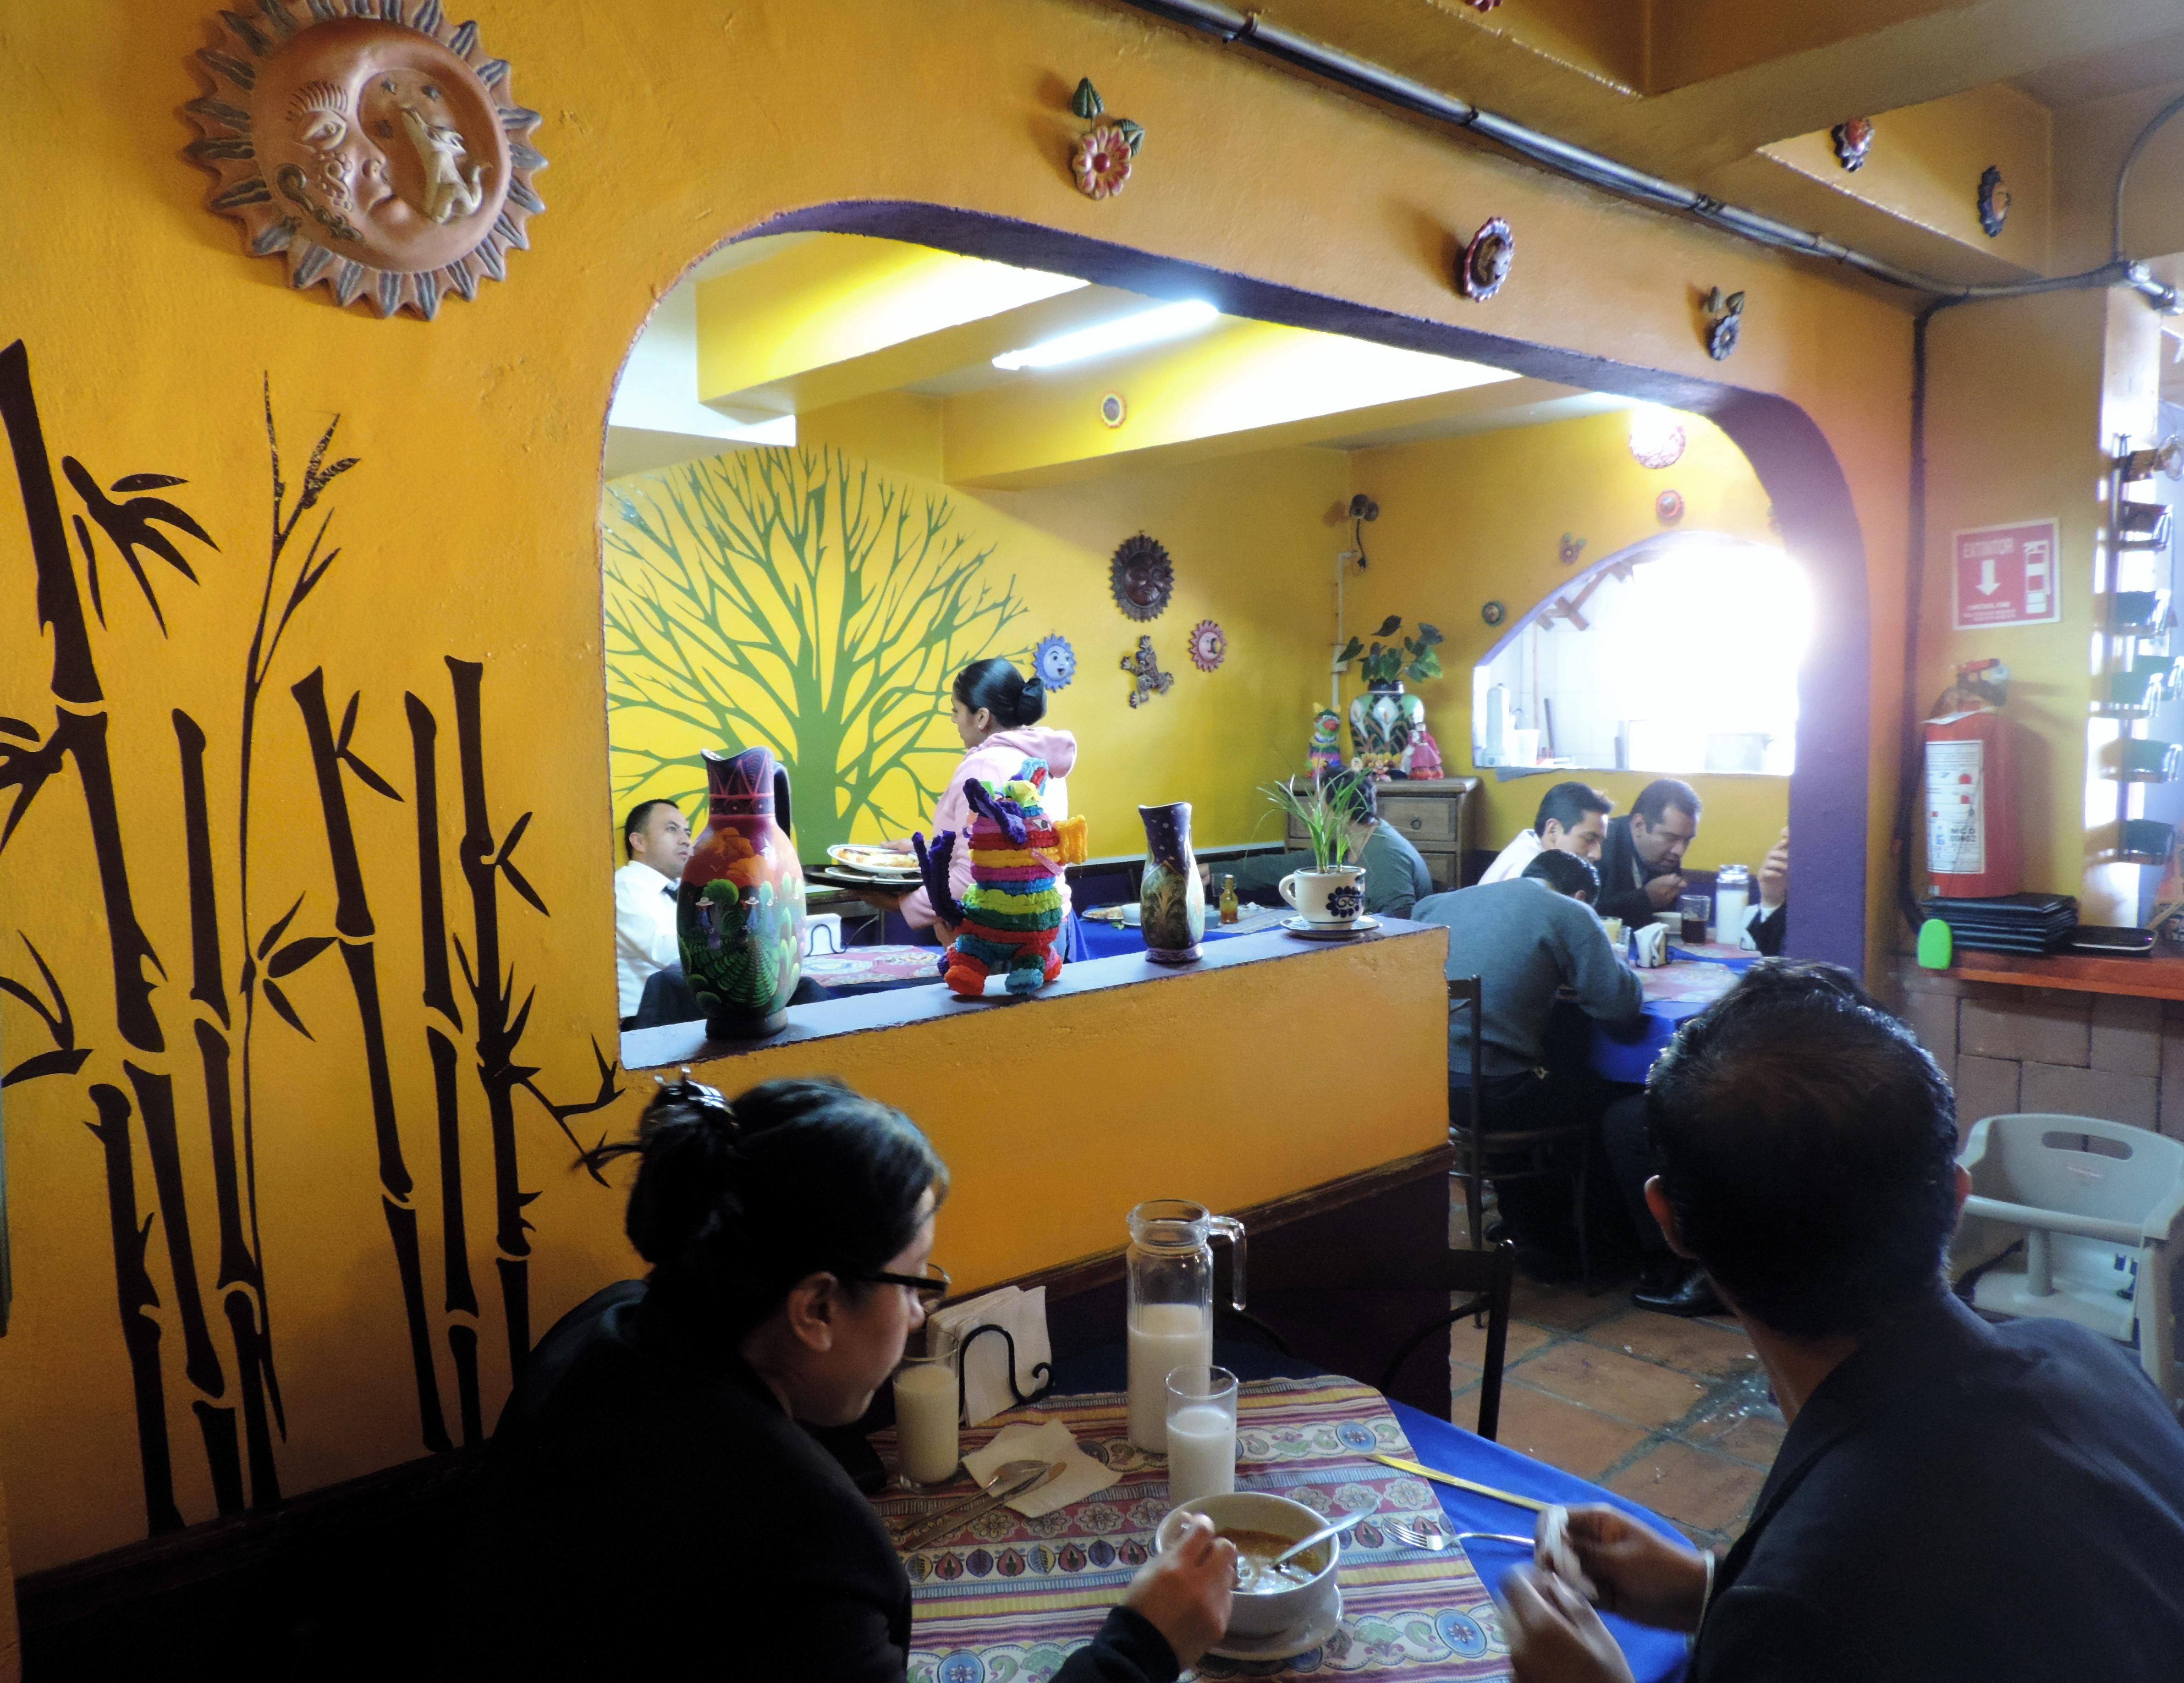 https://0201.nccdn.net/1_2/000/000/0f0/e5a/restaurante9-4765x3672.jpg